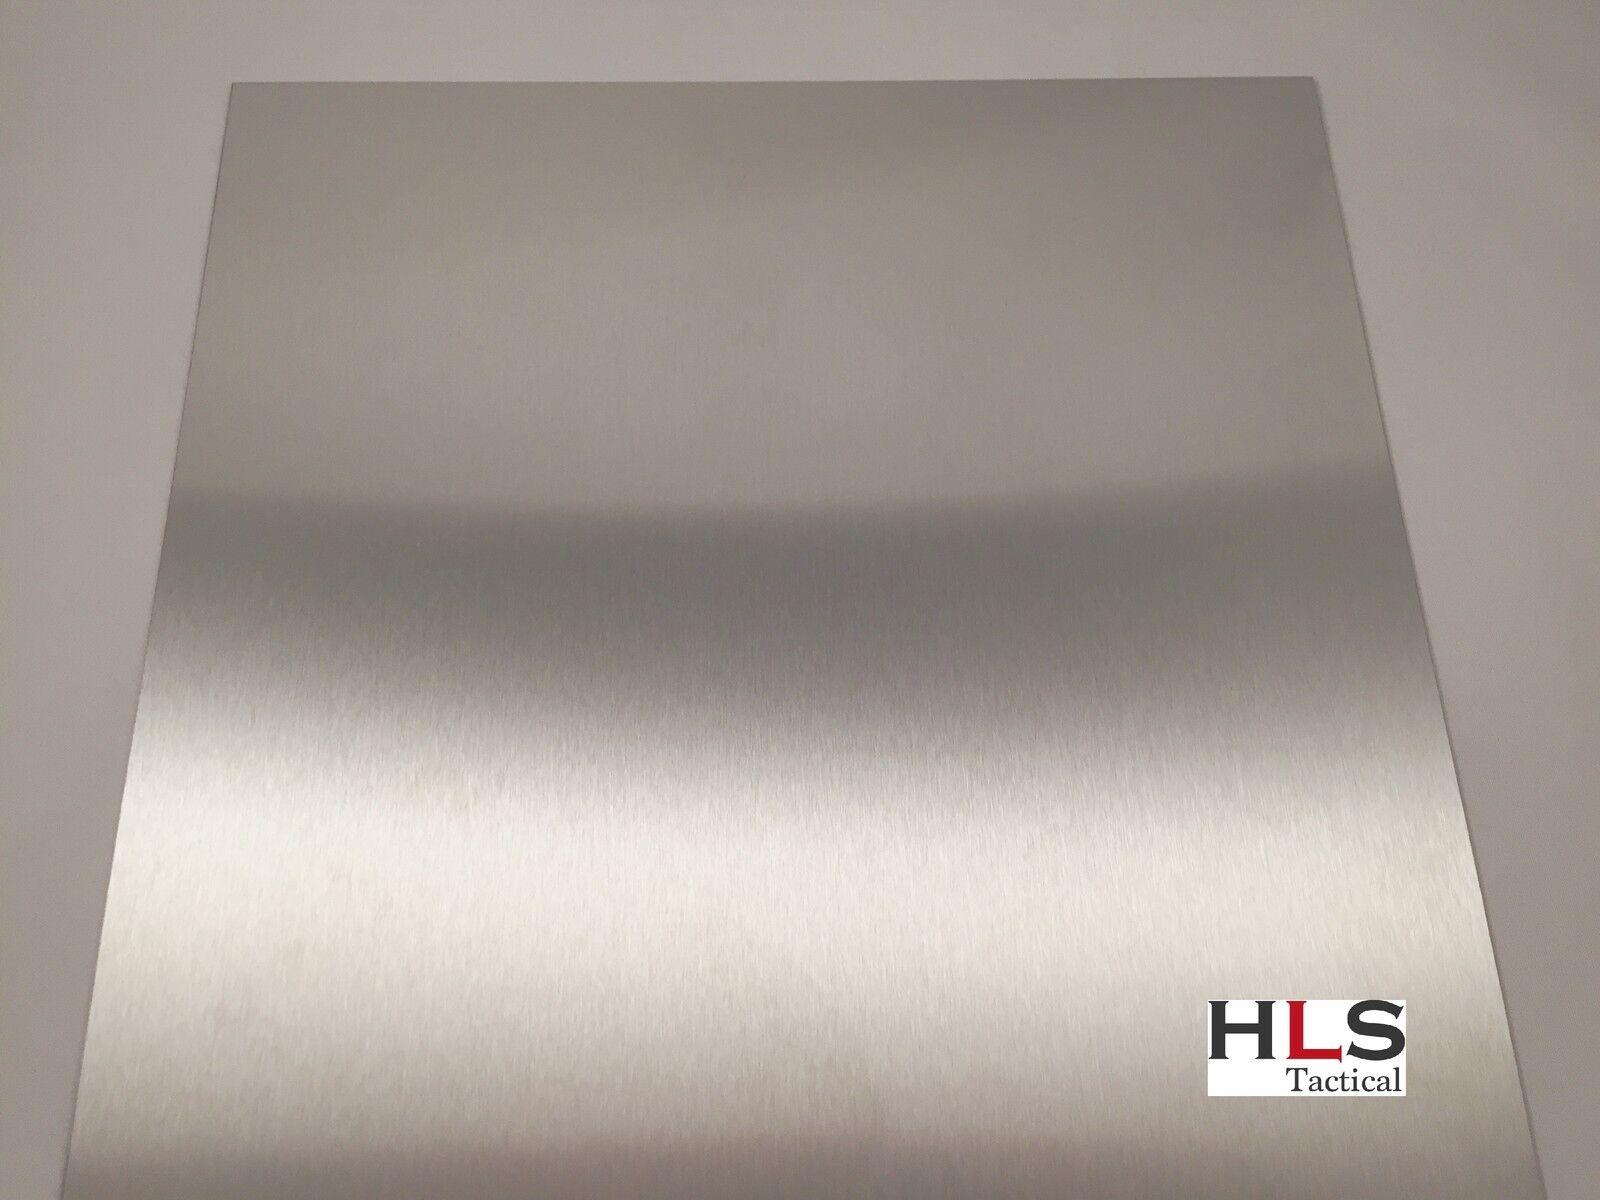 1-3mm Edelstahlblech 1.4301 geschliffen K240 Edelstahlplatte Größe wählbar